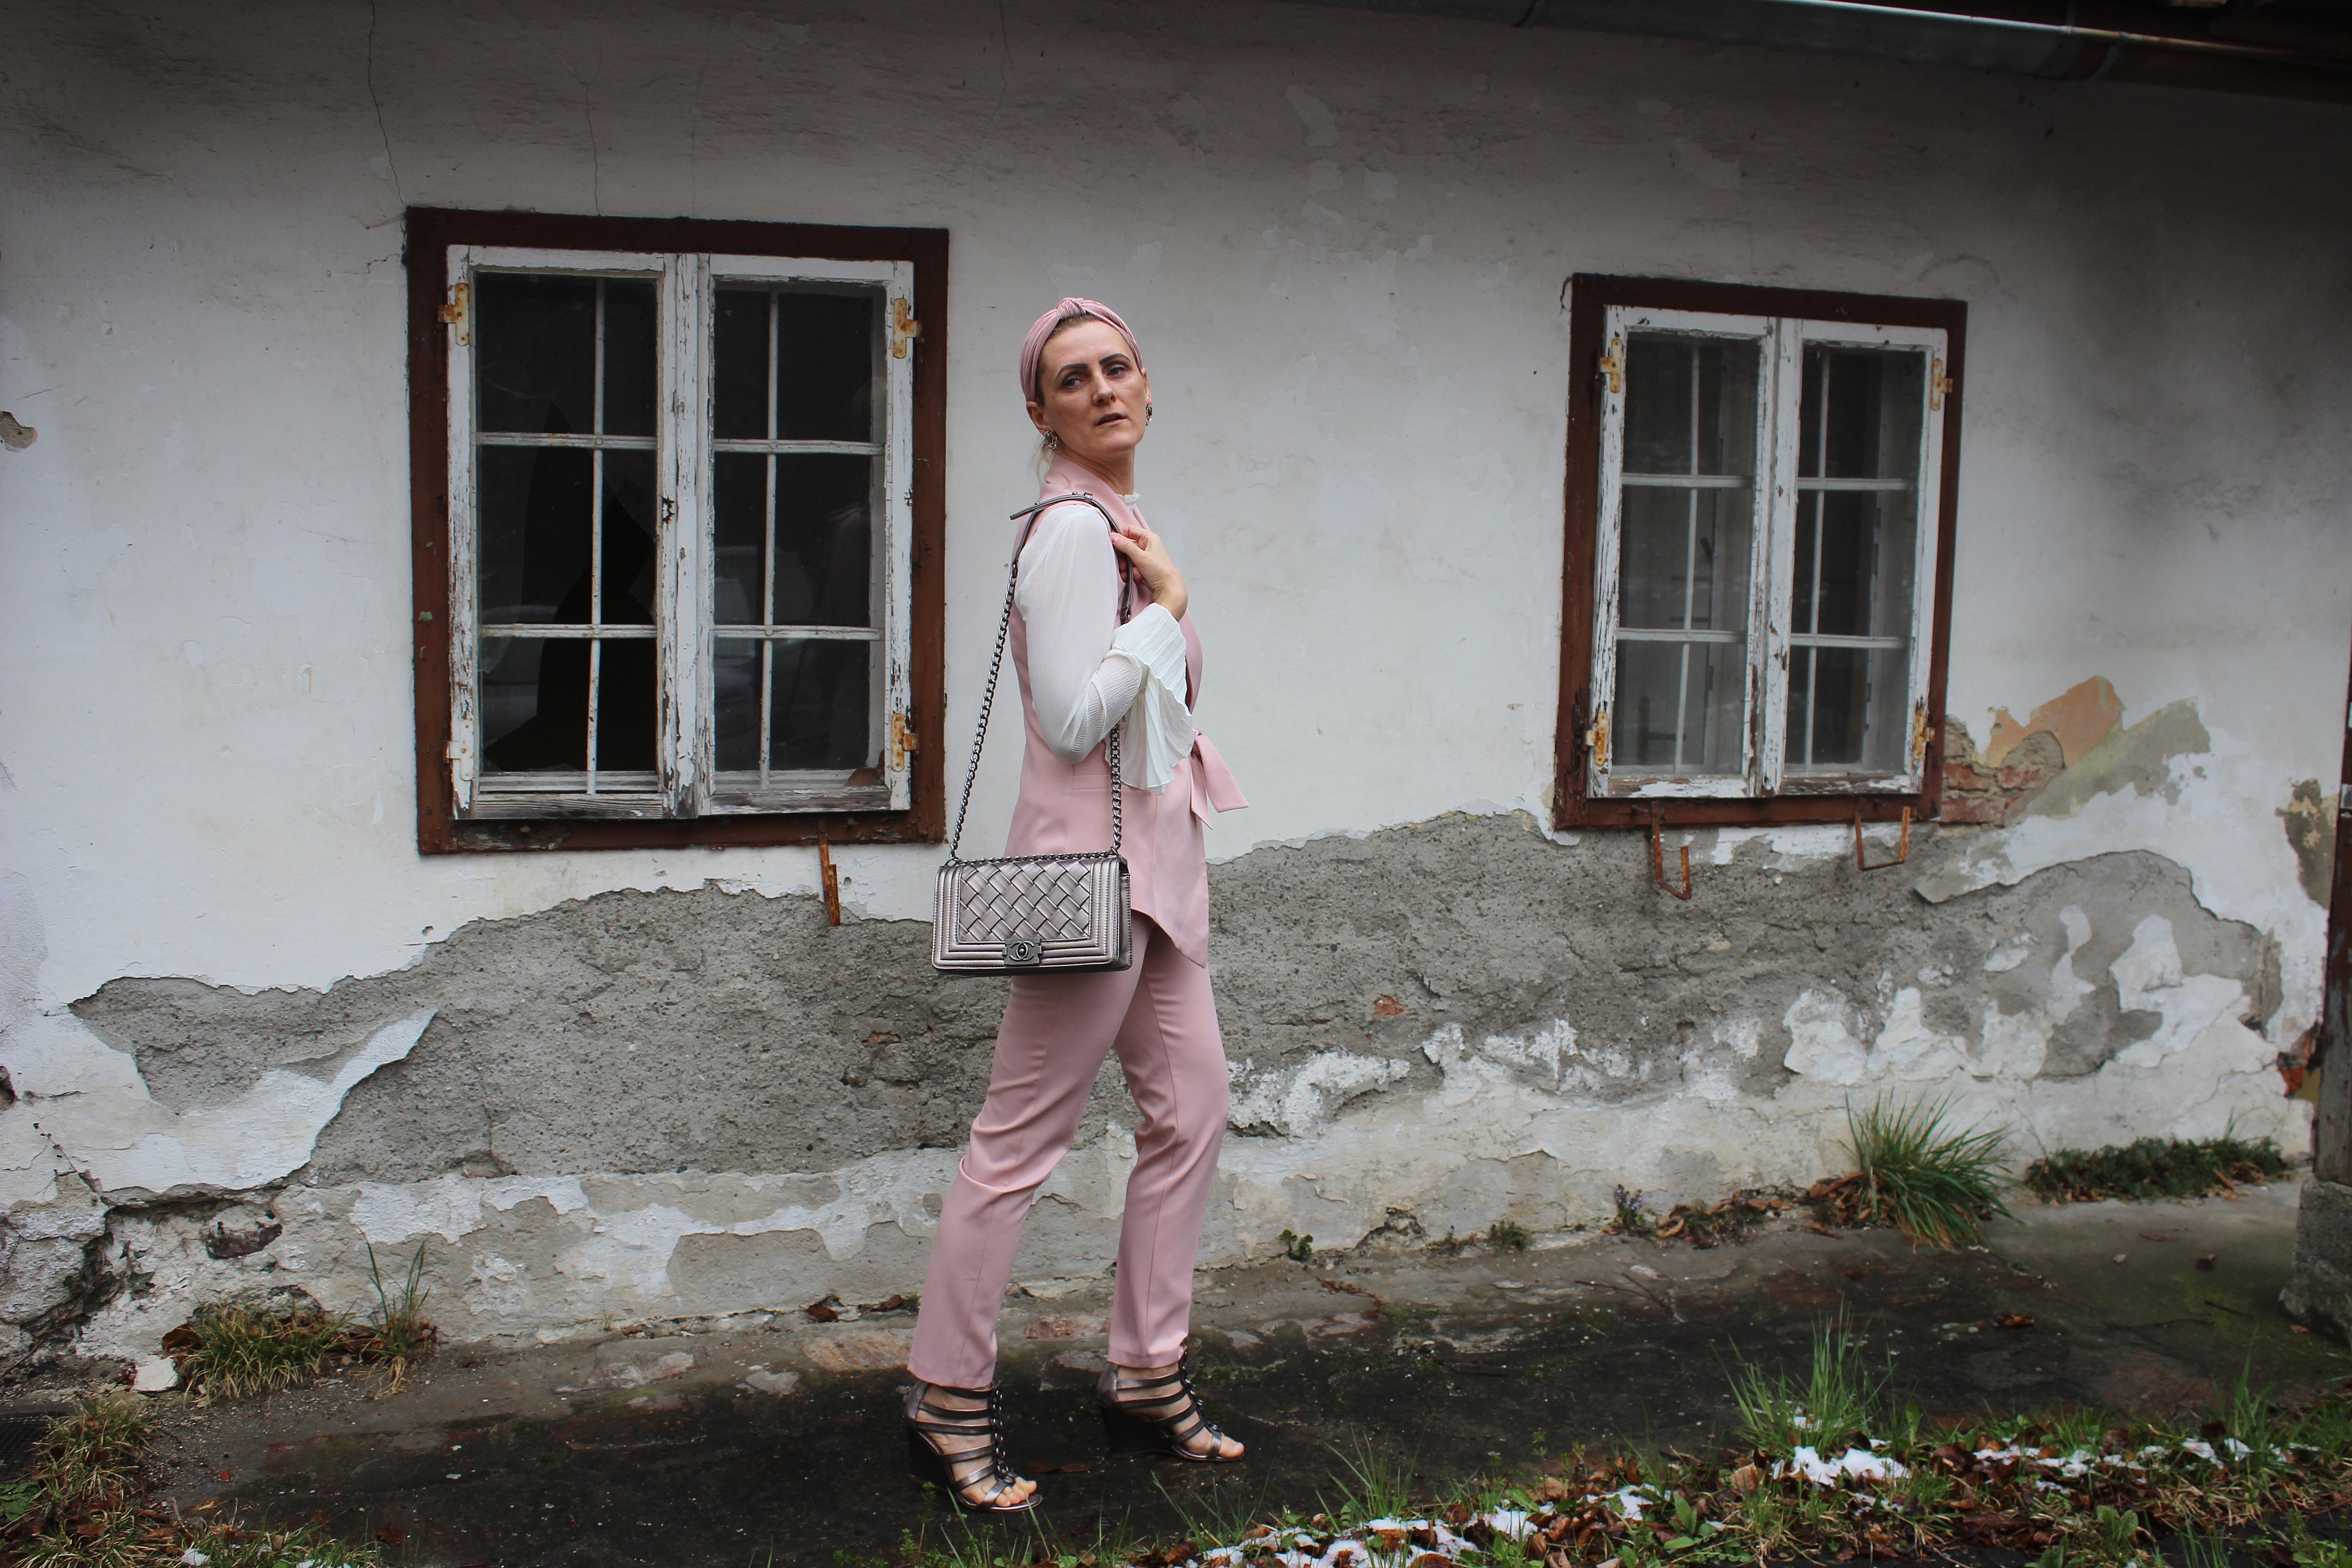 Ärmellose-Blazer-Westen-Trend-Trends2020-Chanel-Bag-Plissee-Bluse-rosa-Hosenanzug-Suit-carrieslifestyle-tamara-prutsch